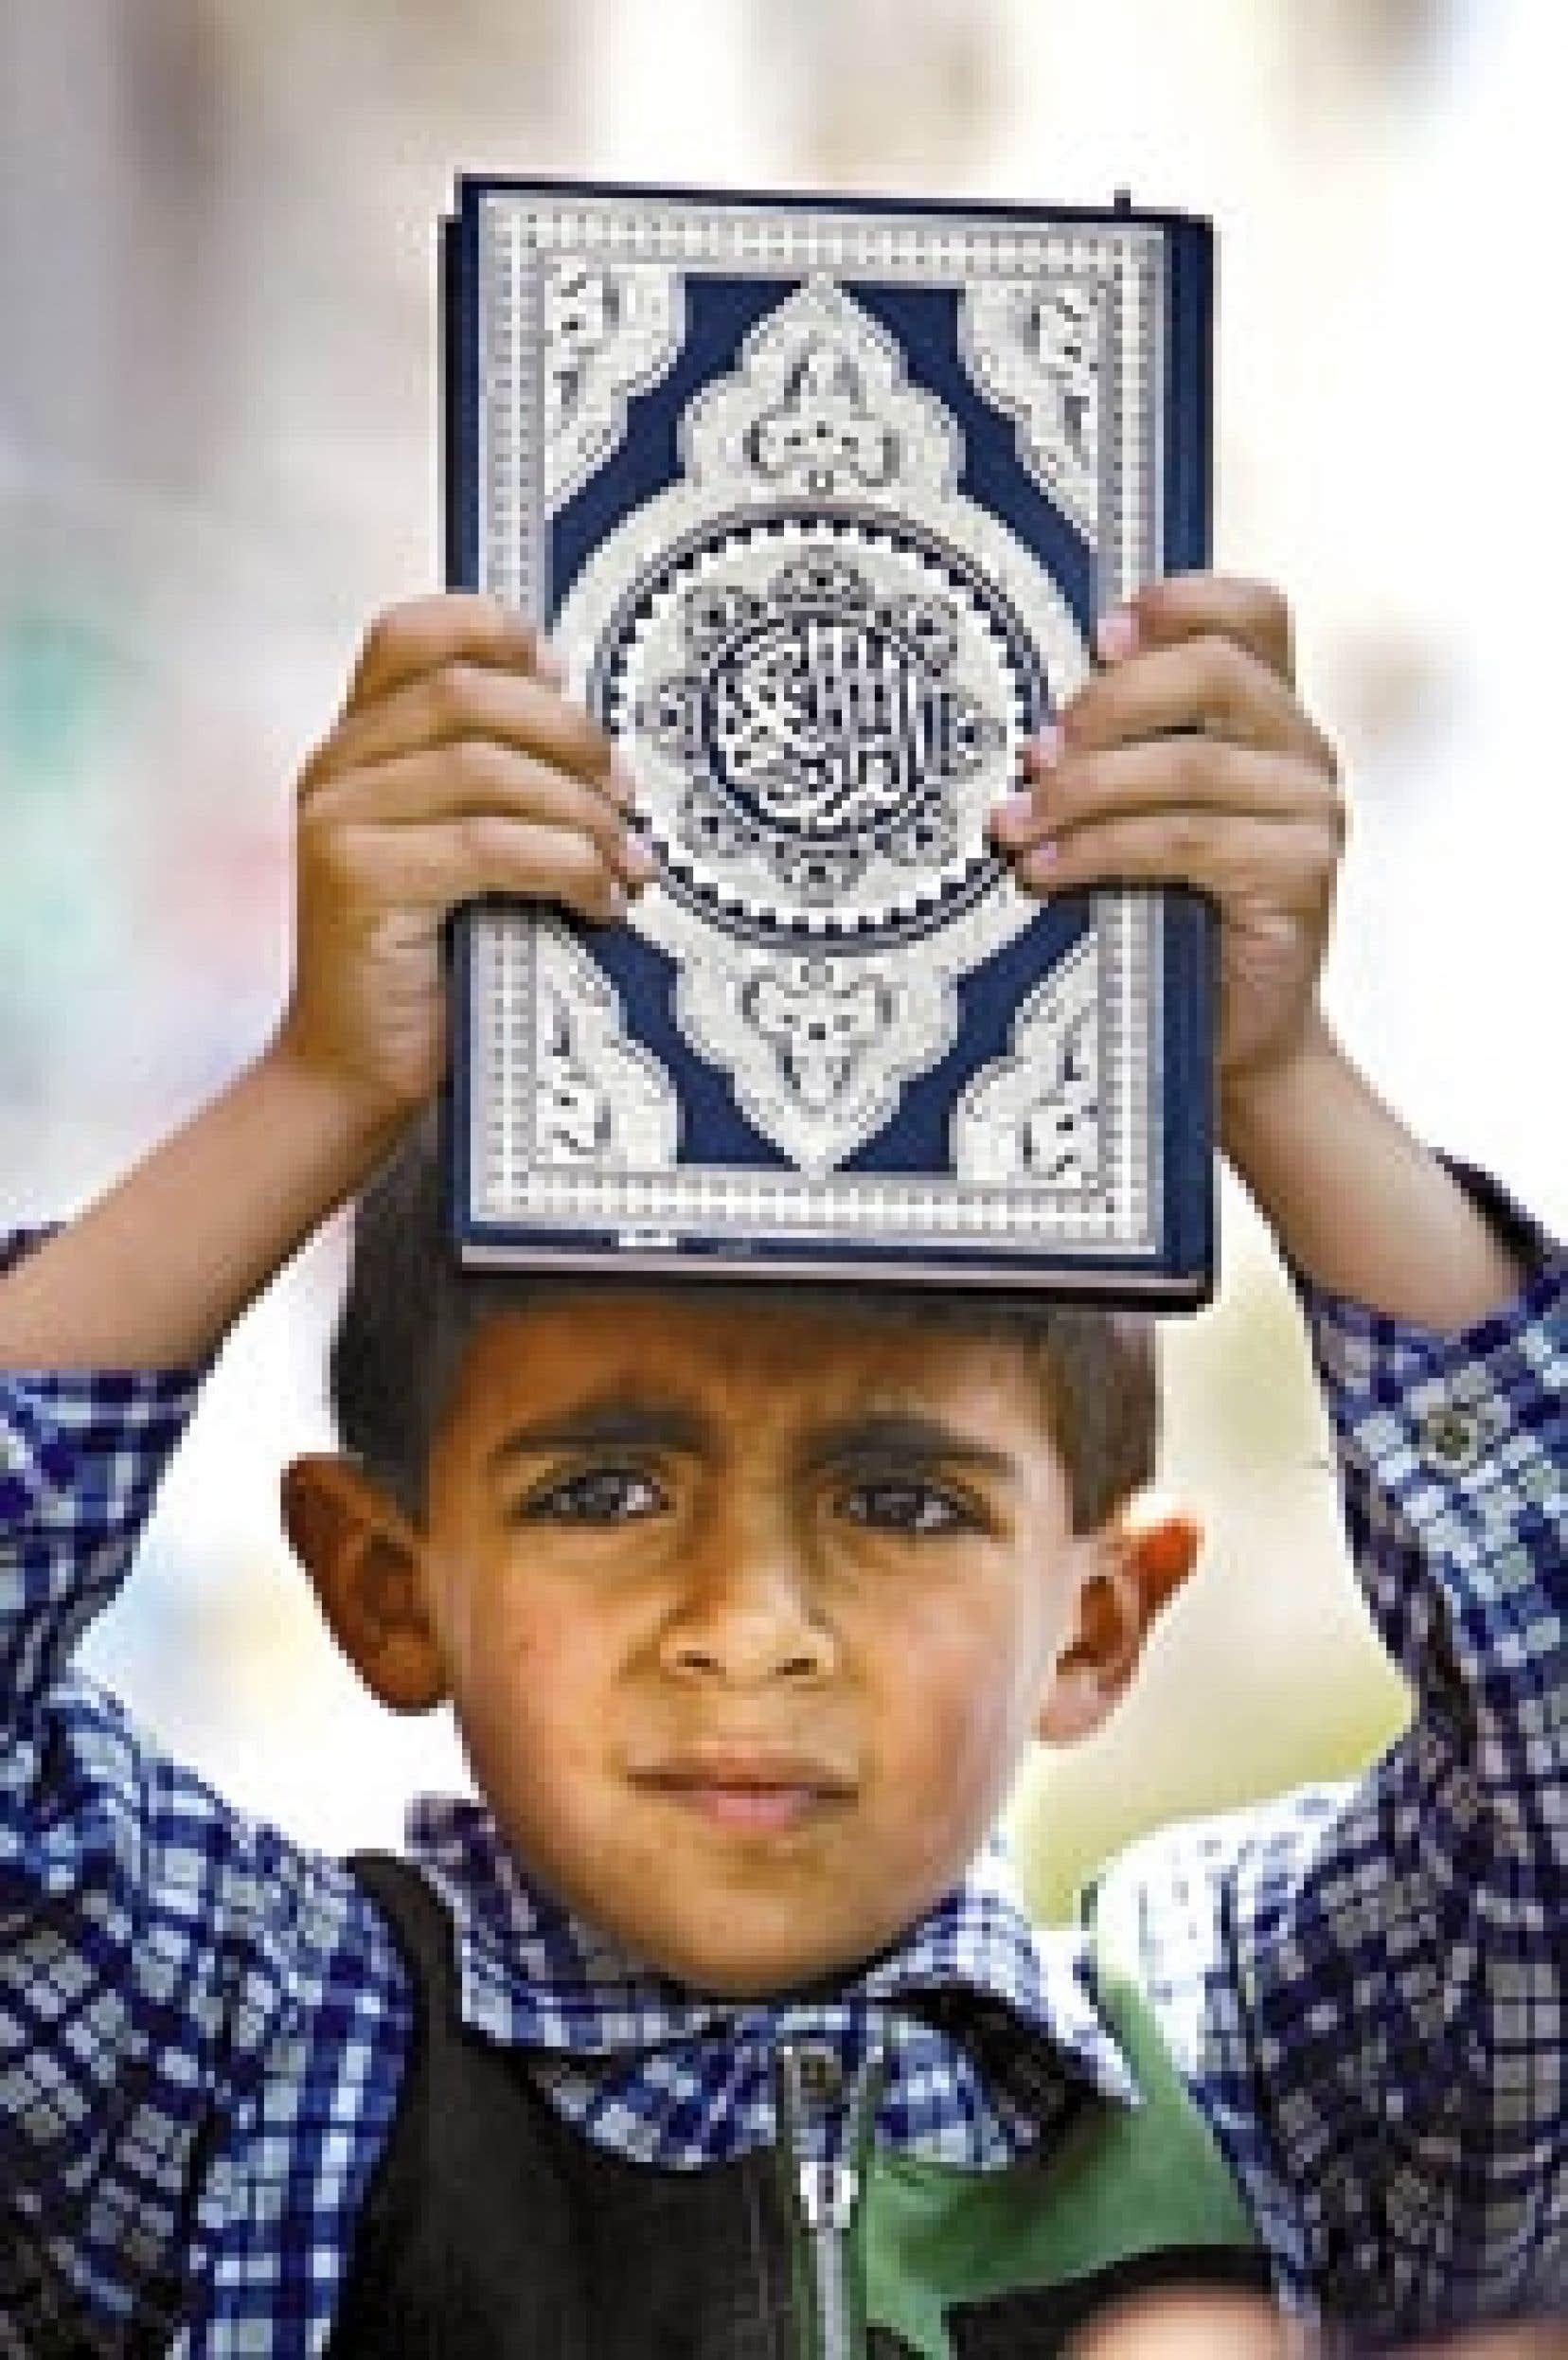 En Belgique, environ 800 professeurs payés par l'État mais sous la responsabilité de l'Exécutif des musulmans de Belgique enseignent la religion musulmane.